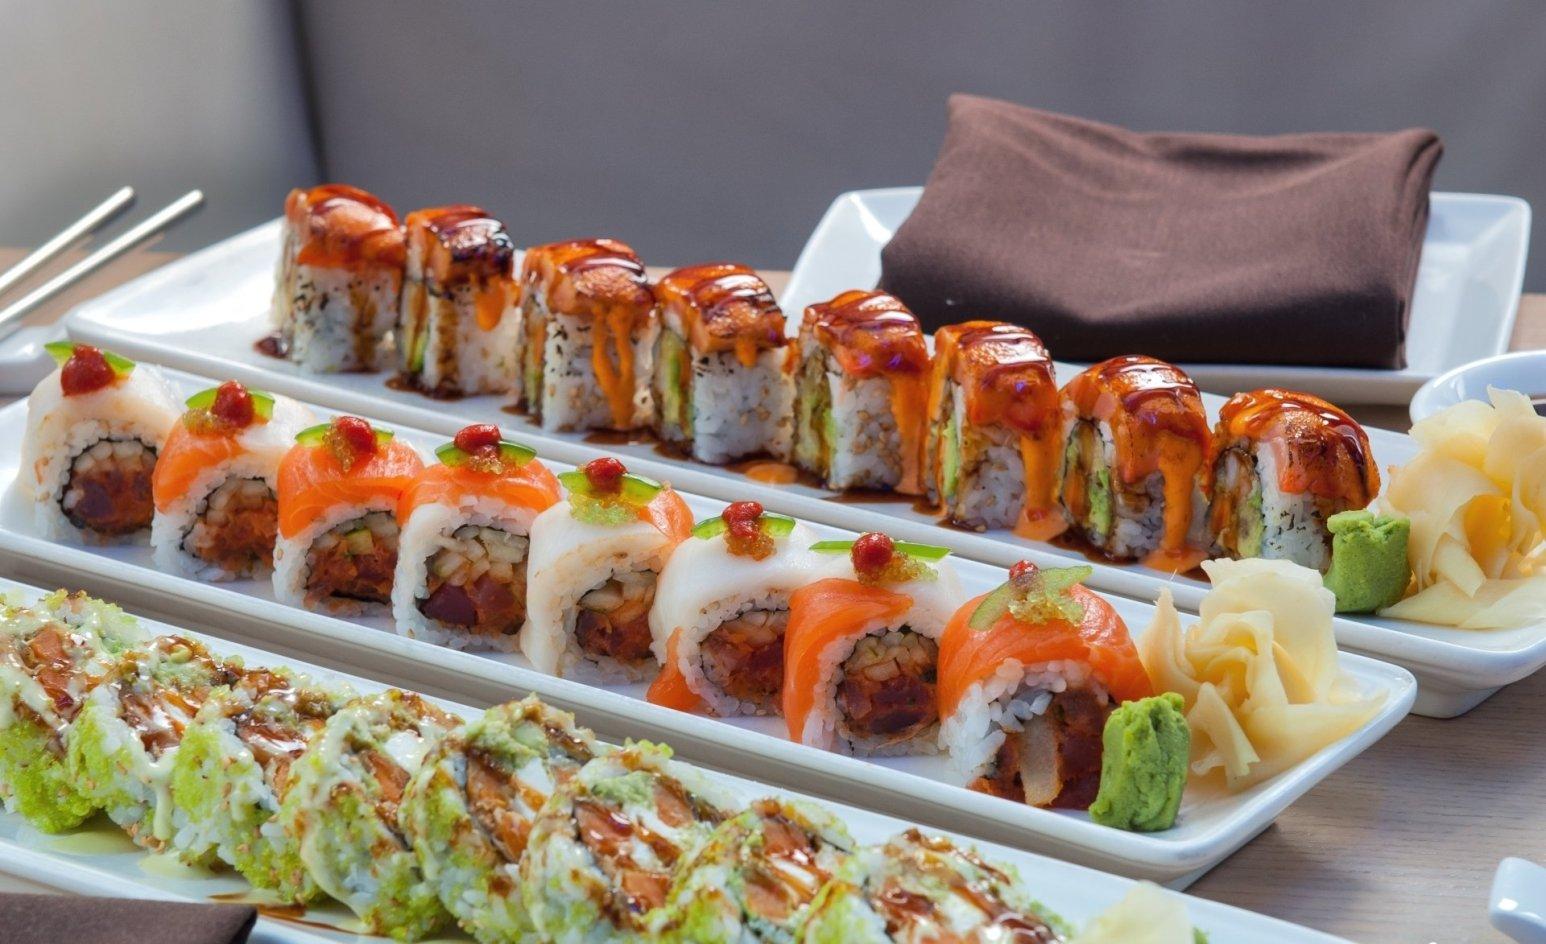 Awesome Sushi plates